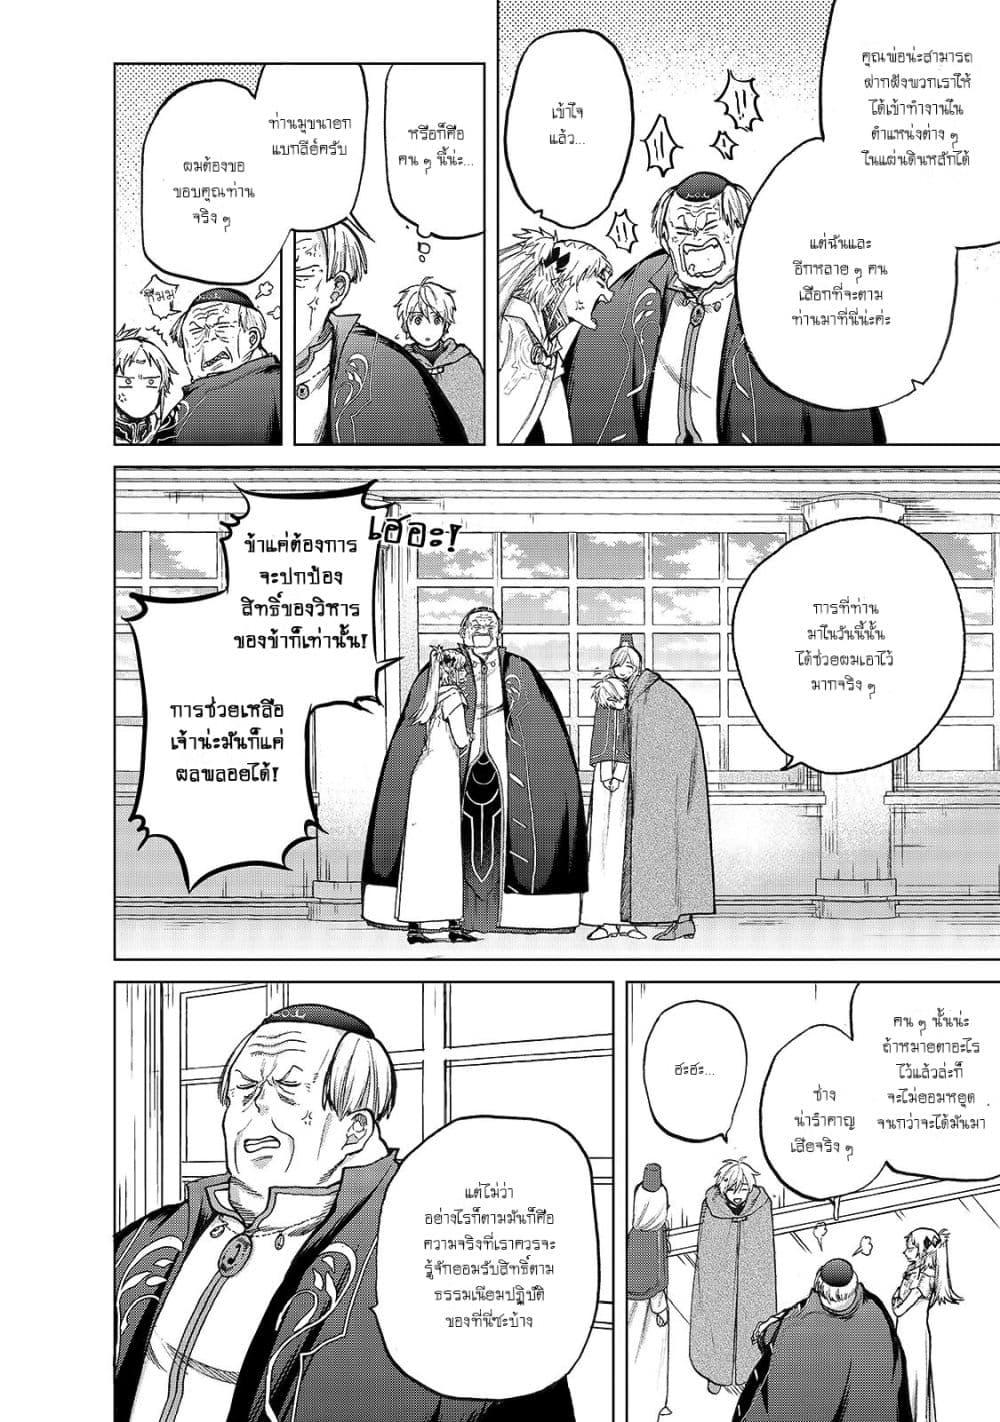 อ่านการ์ตูน Saihate no Paladin ตอนที่ 22 หน้าที่ 8